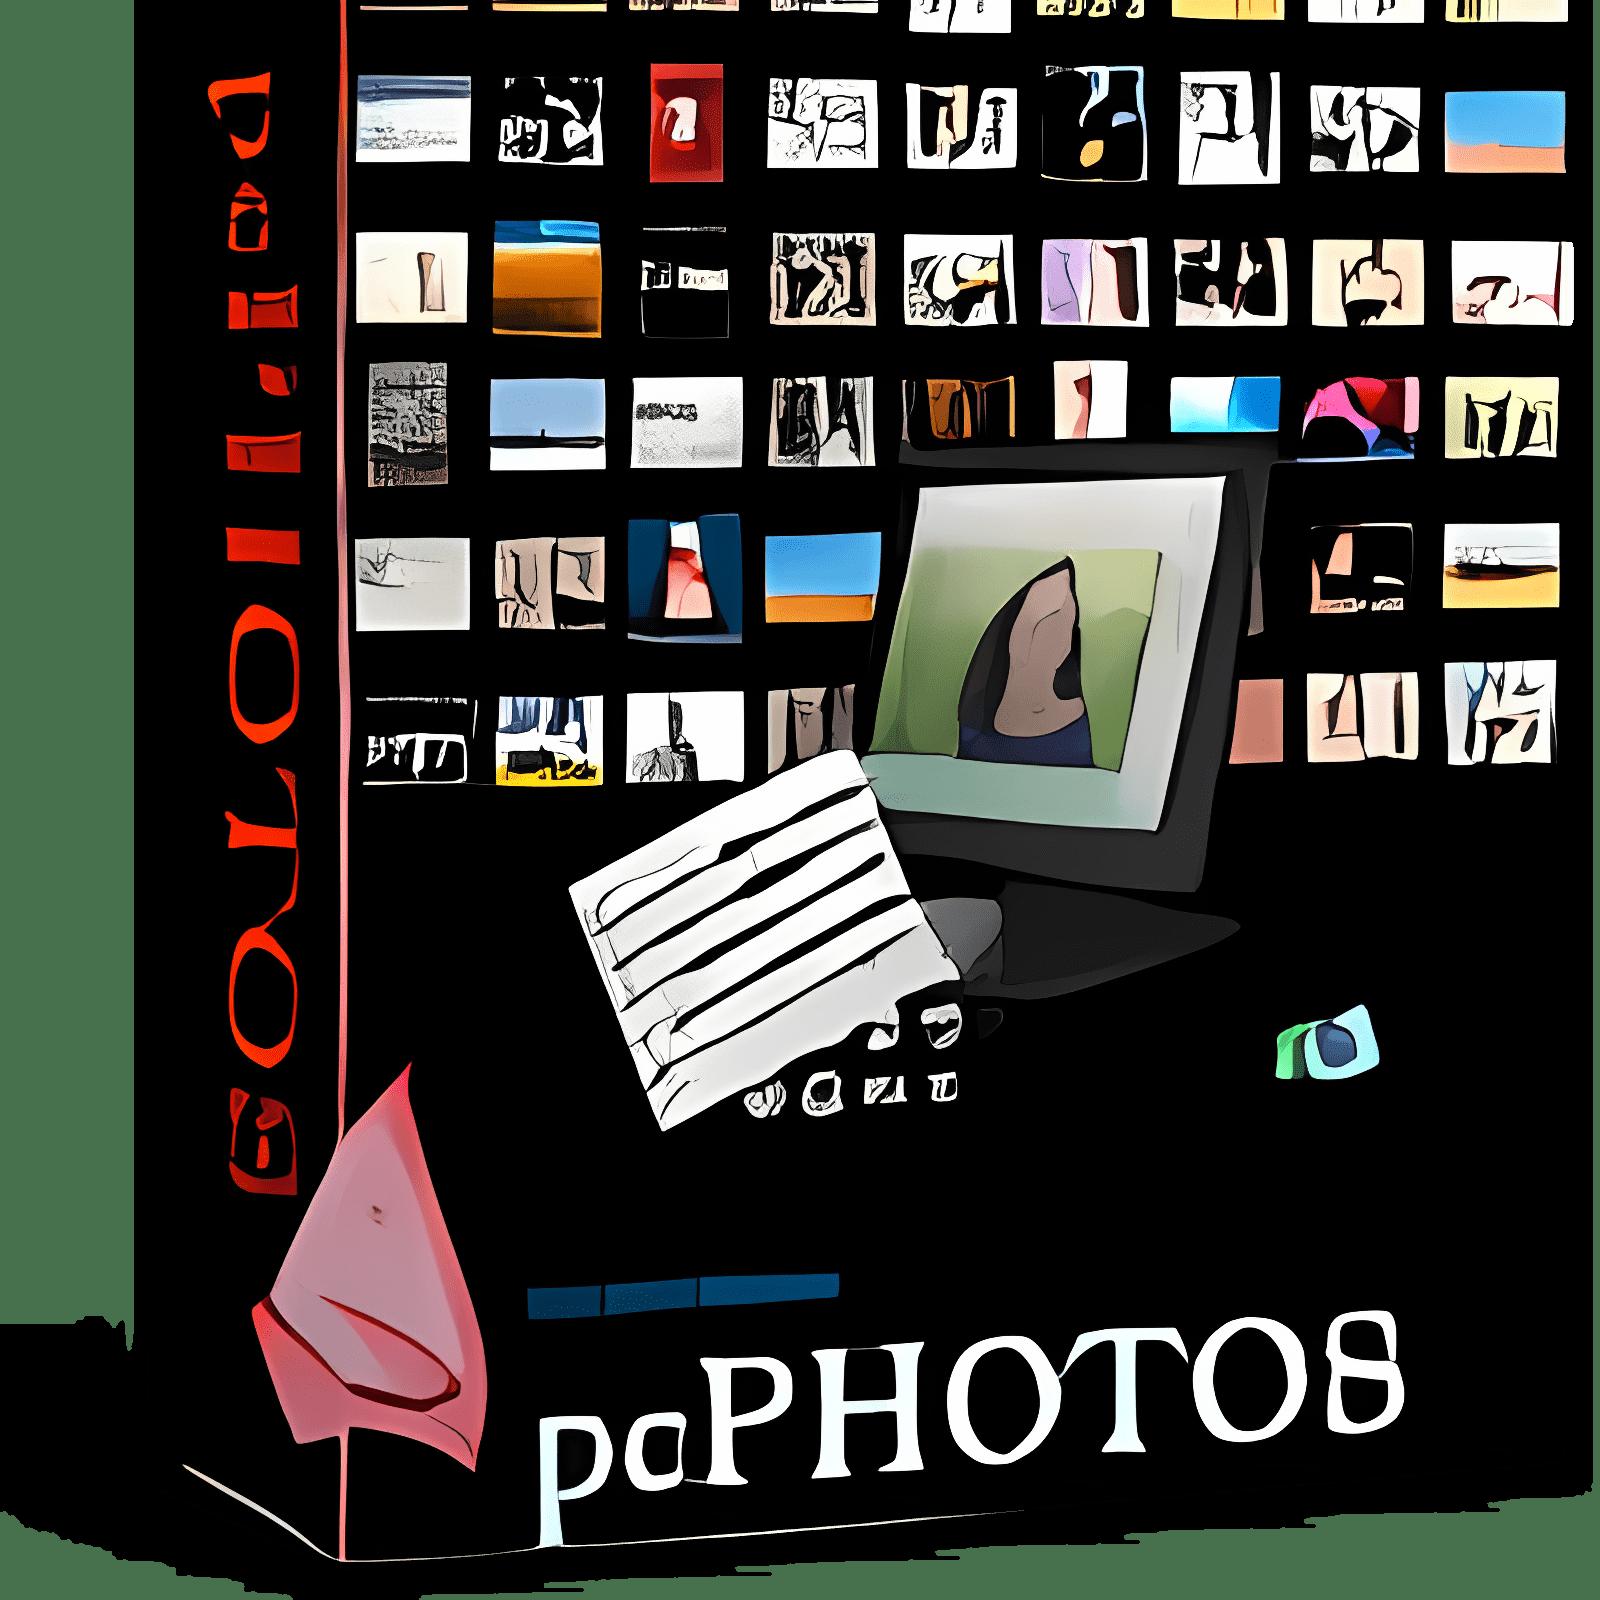 FileStream pcPhotos